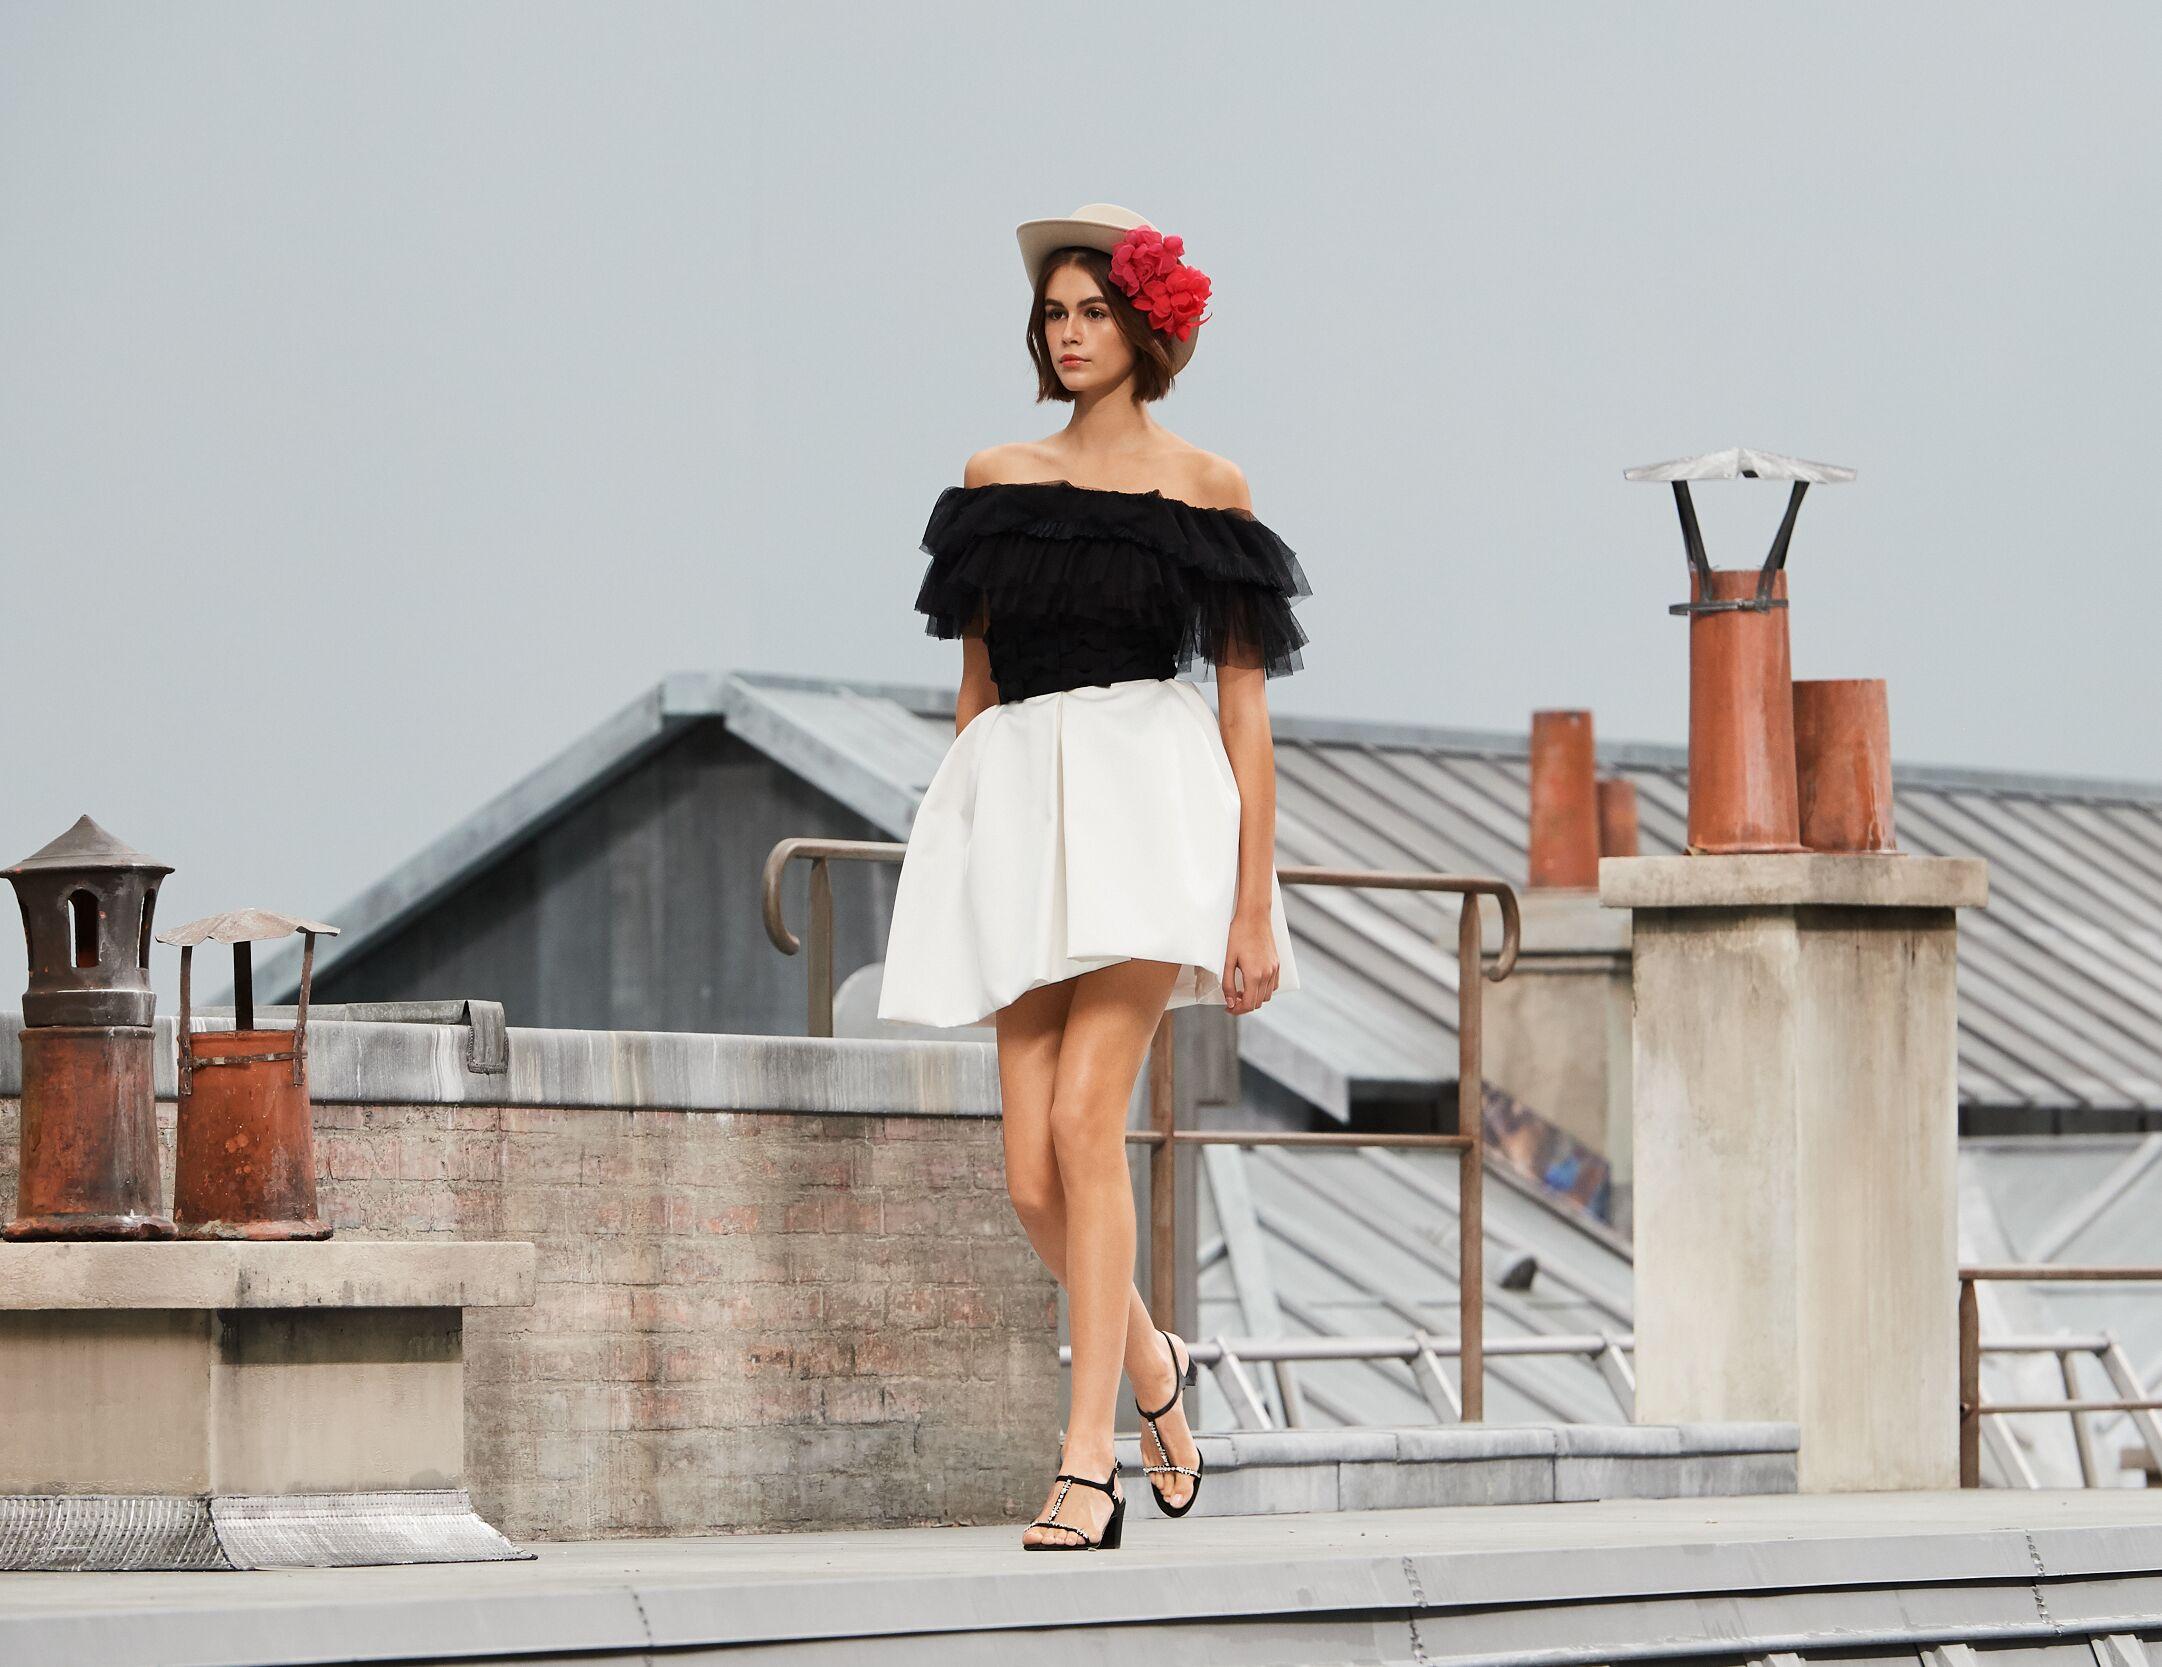 Chanel Woman 2020 Paris Trends